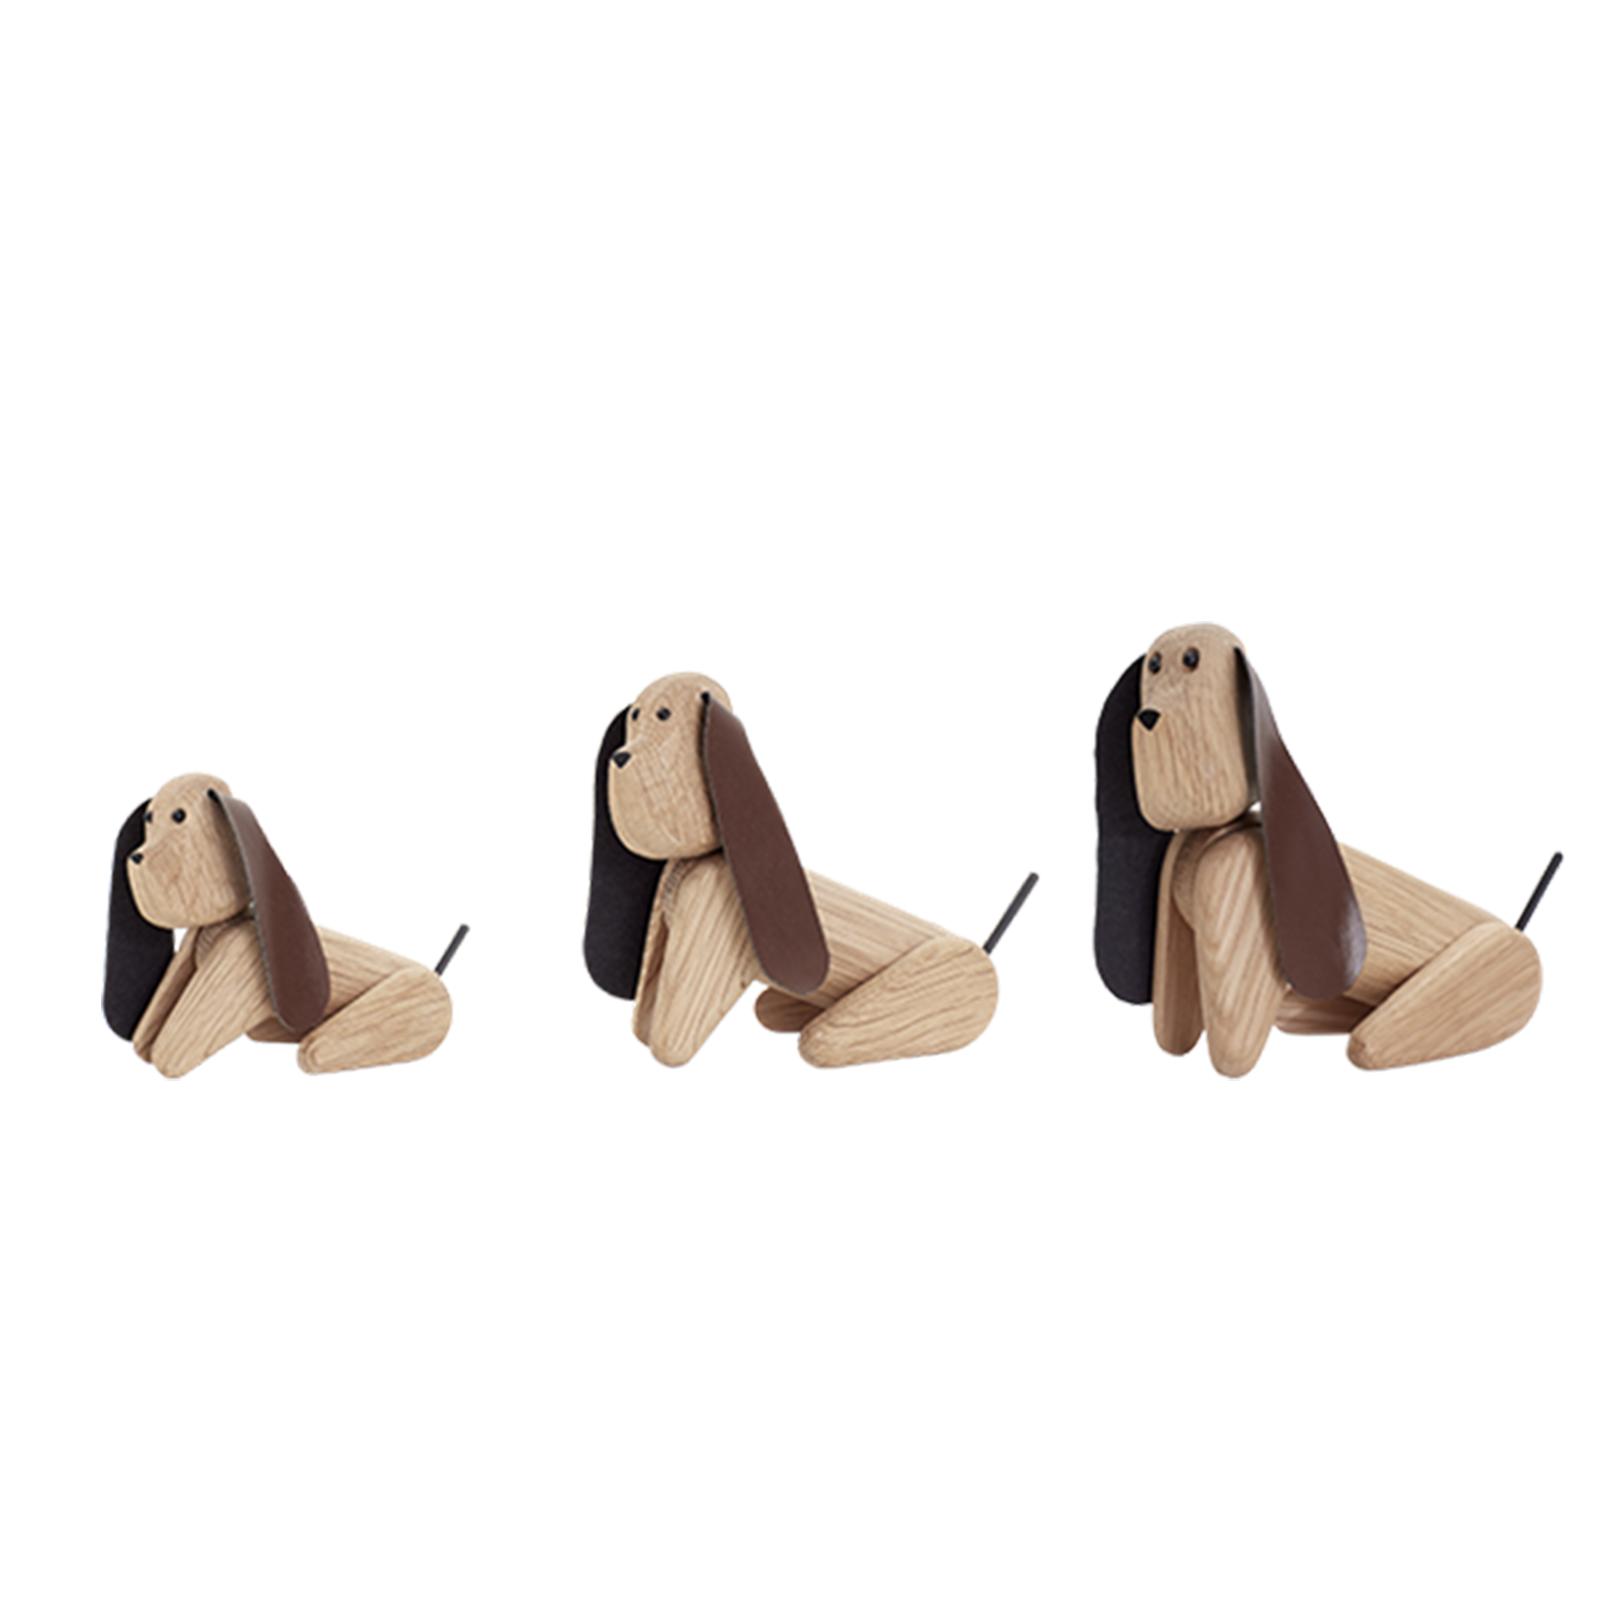 My Dog Træfigurer – Andersen Furniture